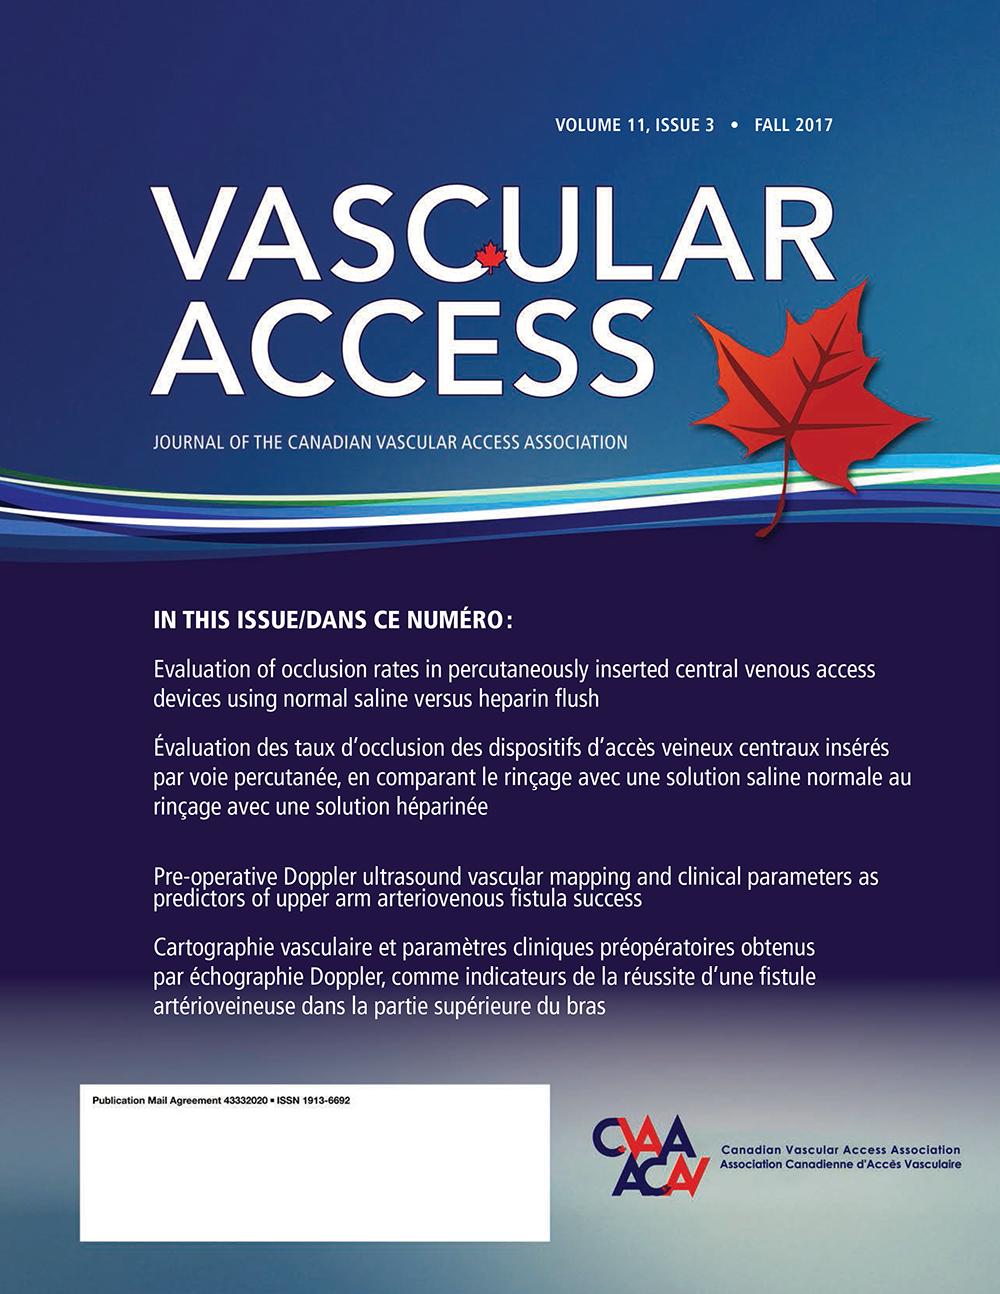 CVAA cover